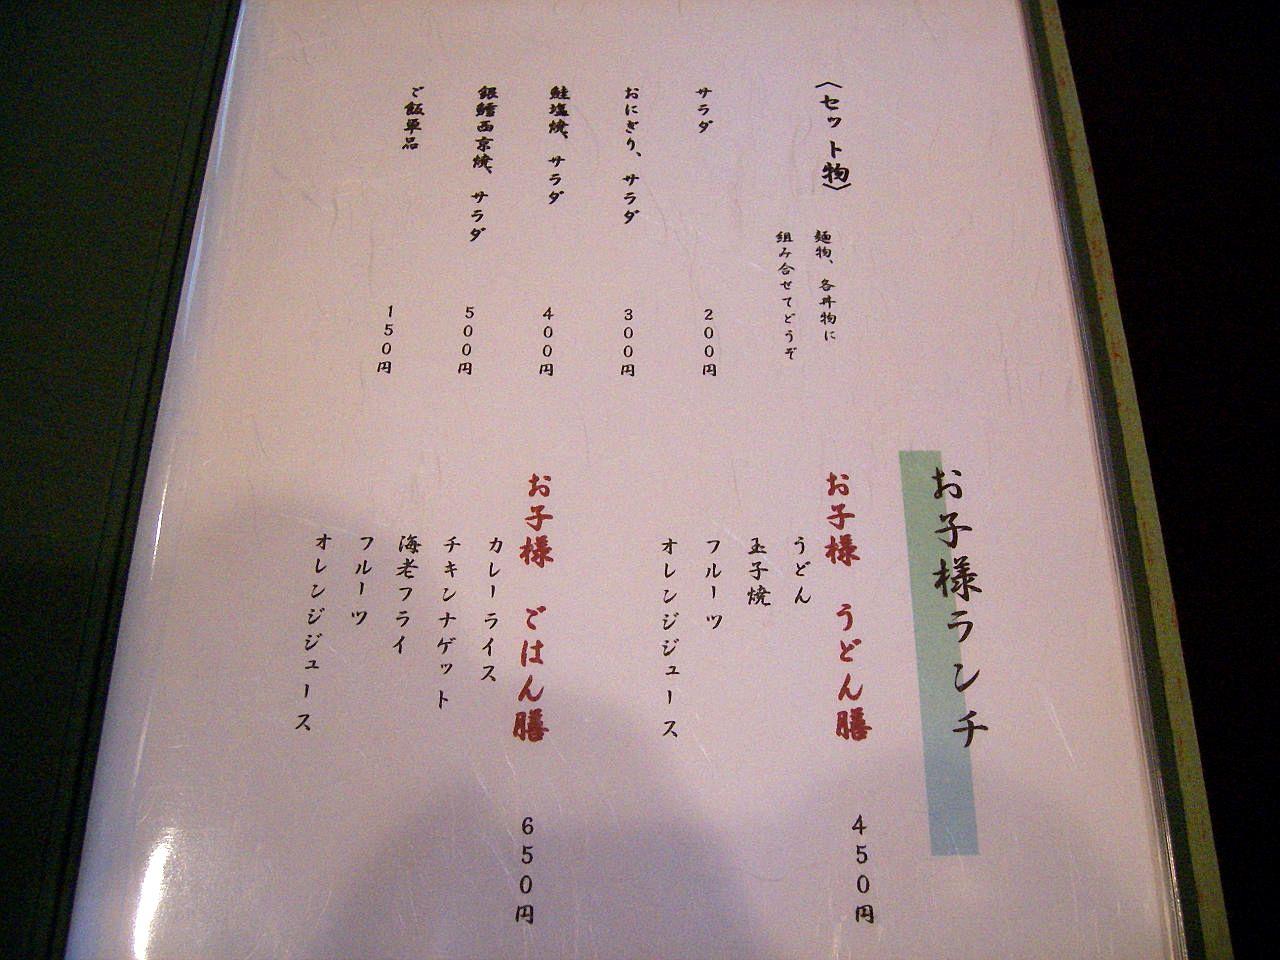 割烹 明日香 name=